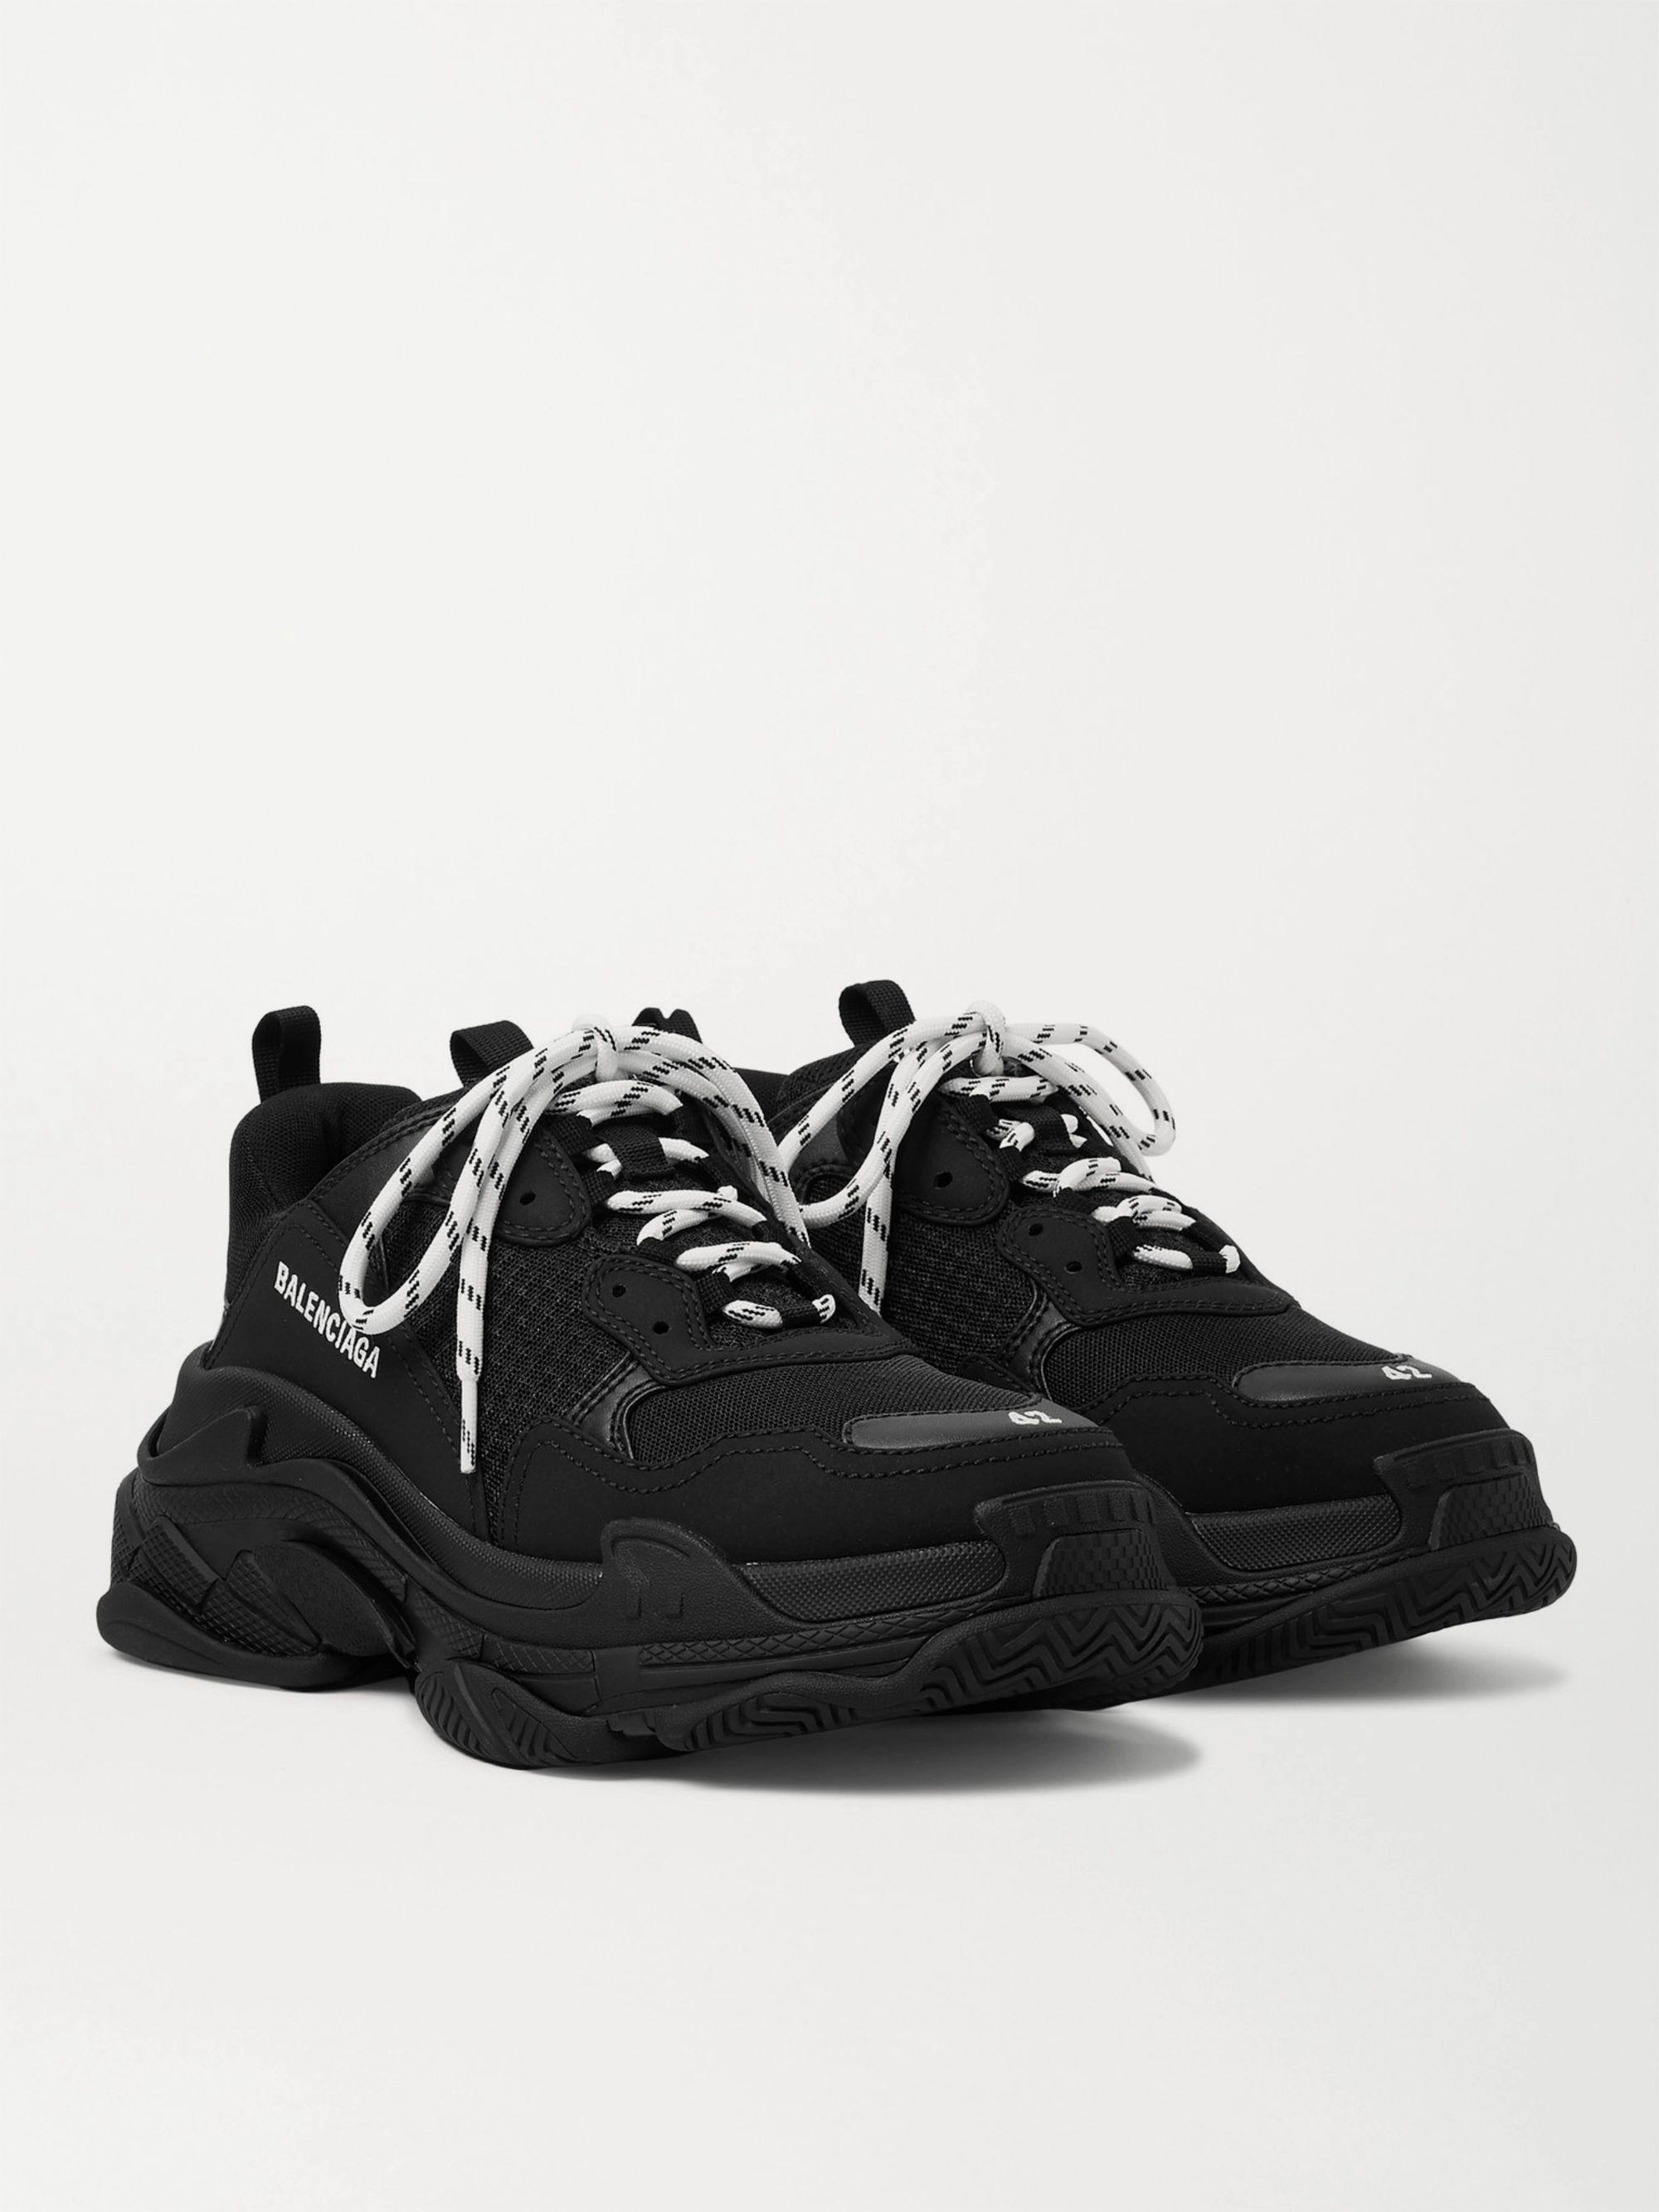 발렌시아가 20FW 트리플S 스니커즈 남성용 - 블랙 534217 W2CA1 1000 Balenciaga Triple S Mesh Nubuck and Leather Sneakers,Black